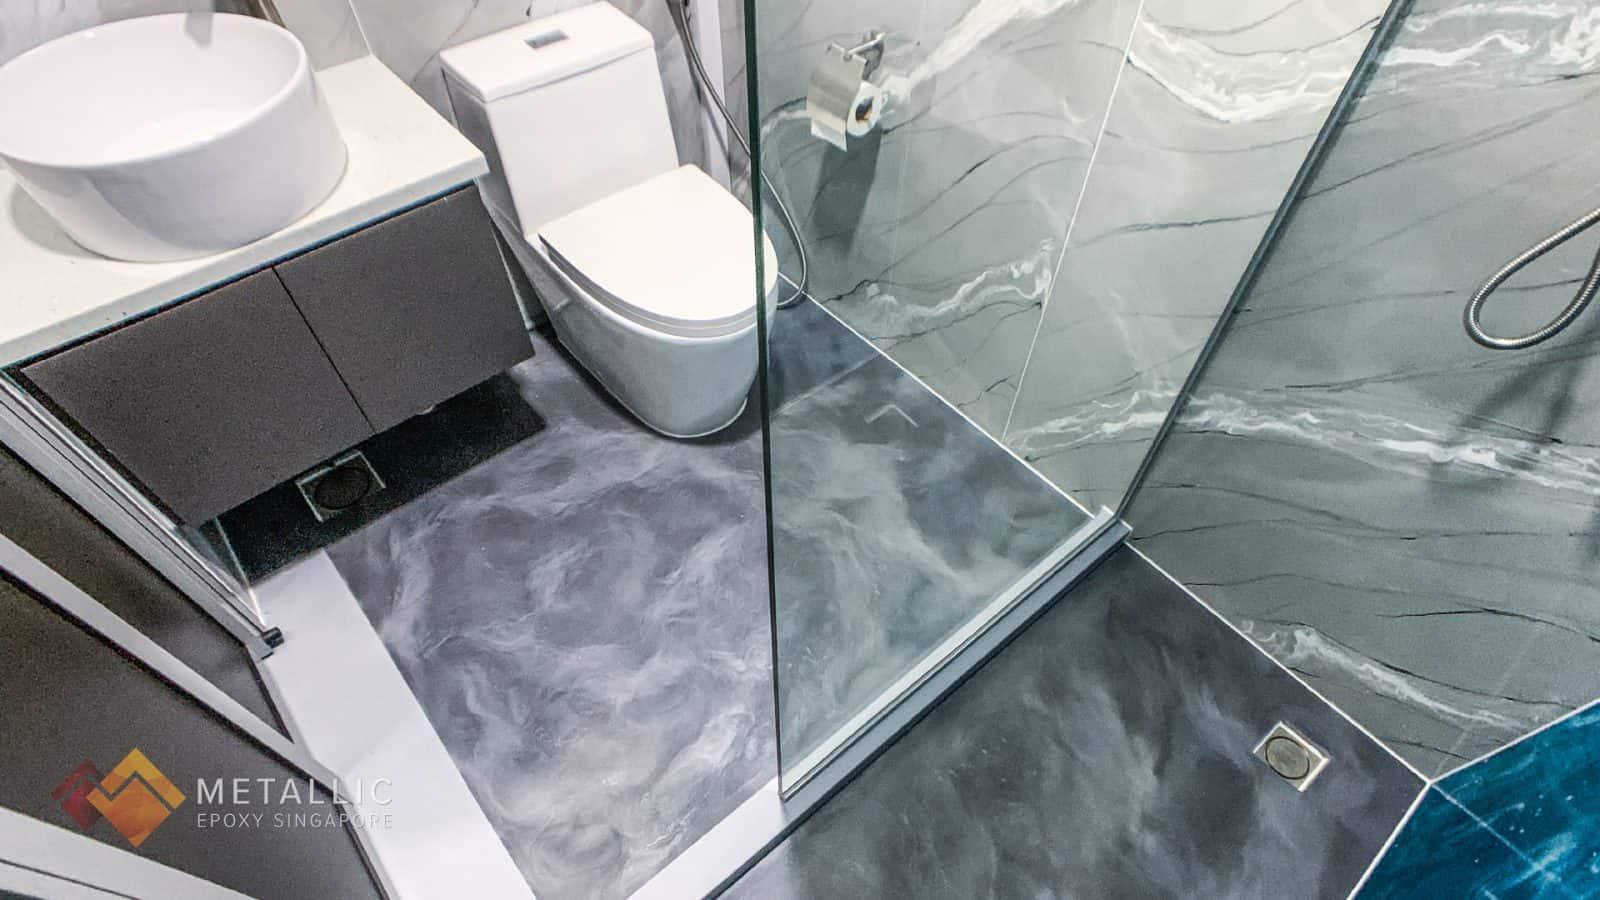 Metallic Epoxy Bathroom